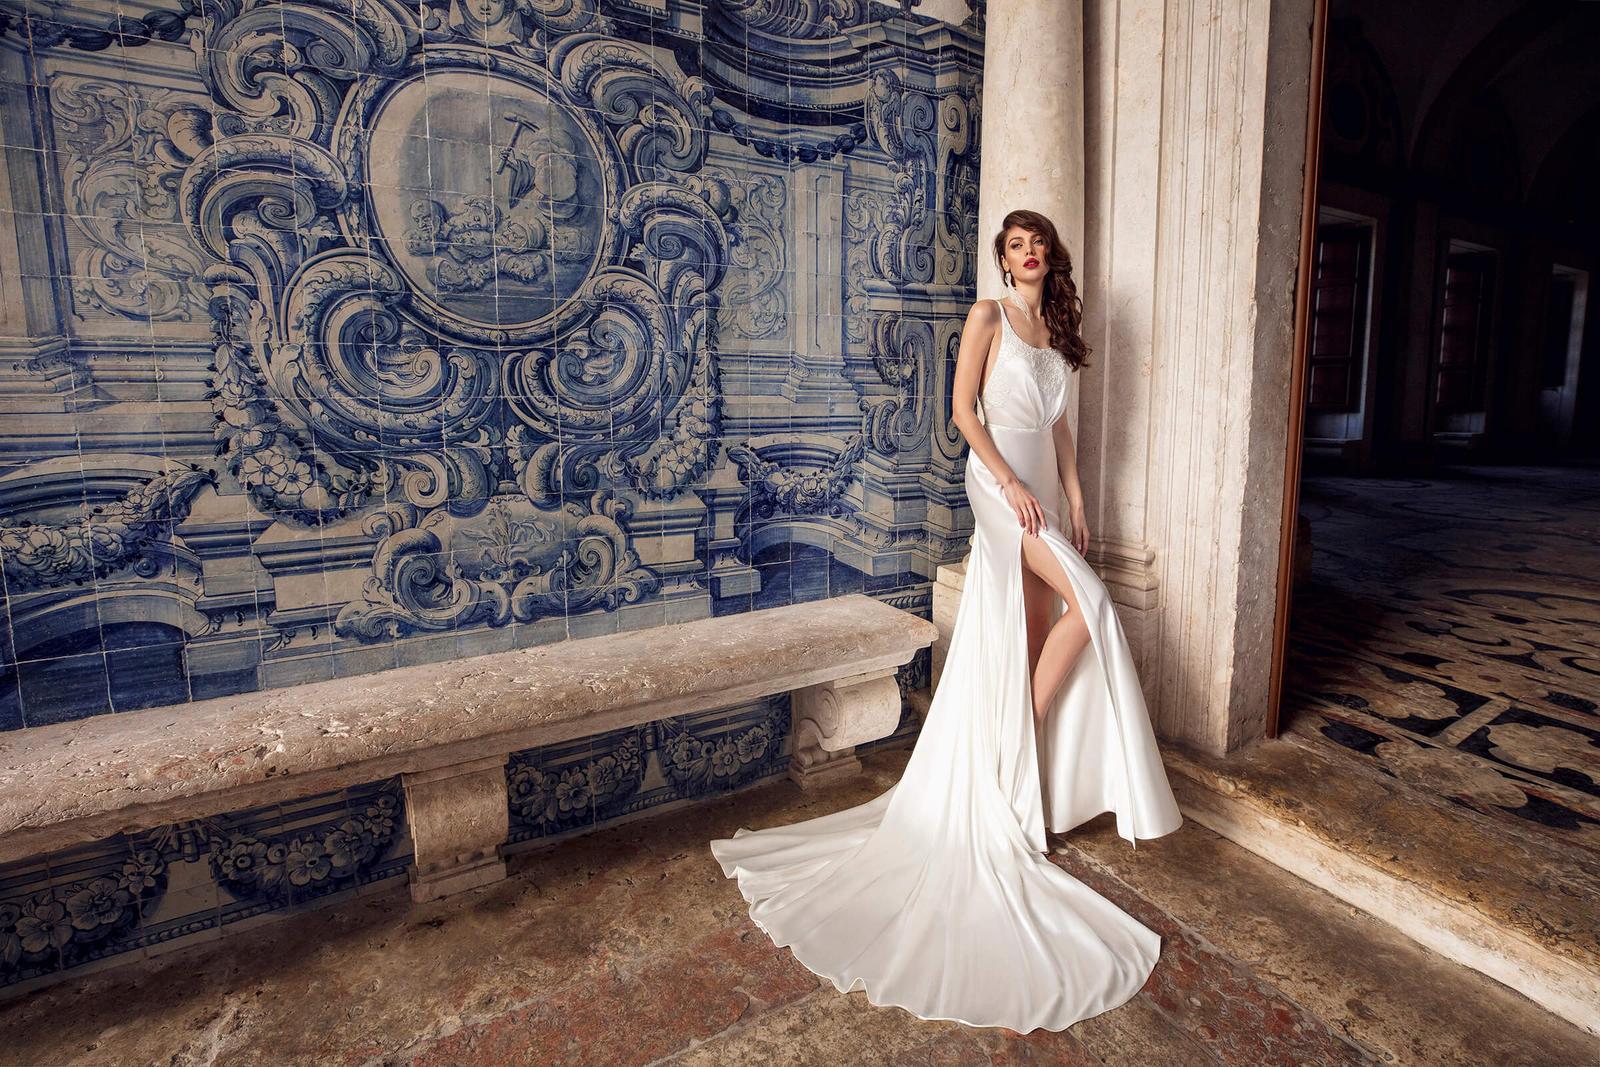 Innocentia Divina 2019 * Svadobné šaty z kolekcií na rok 2019 - Obrázok č. 2